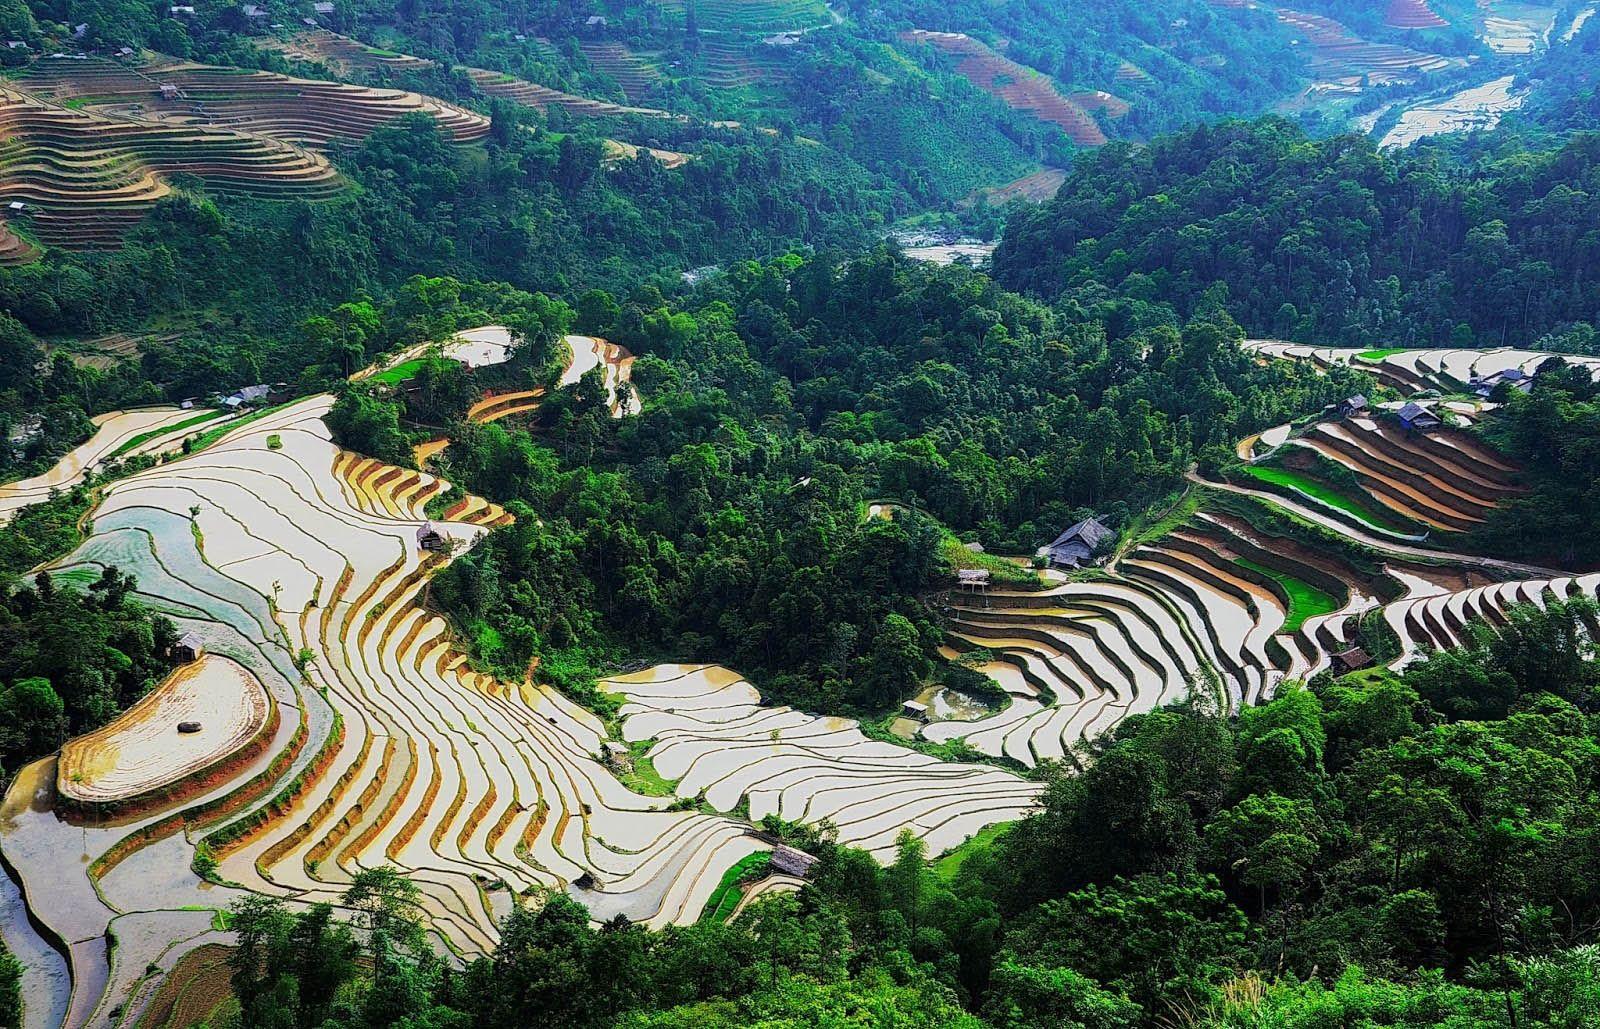 Hoang Su Phi - Ha Giang